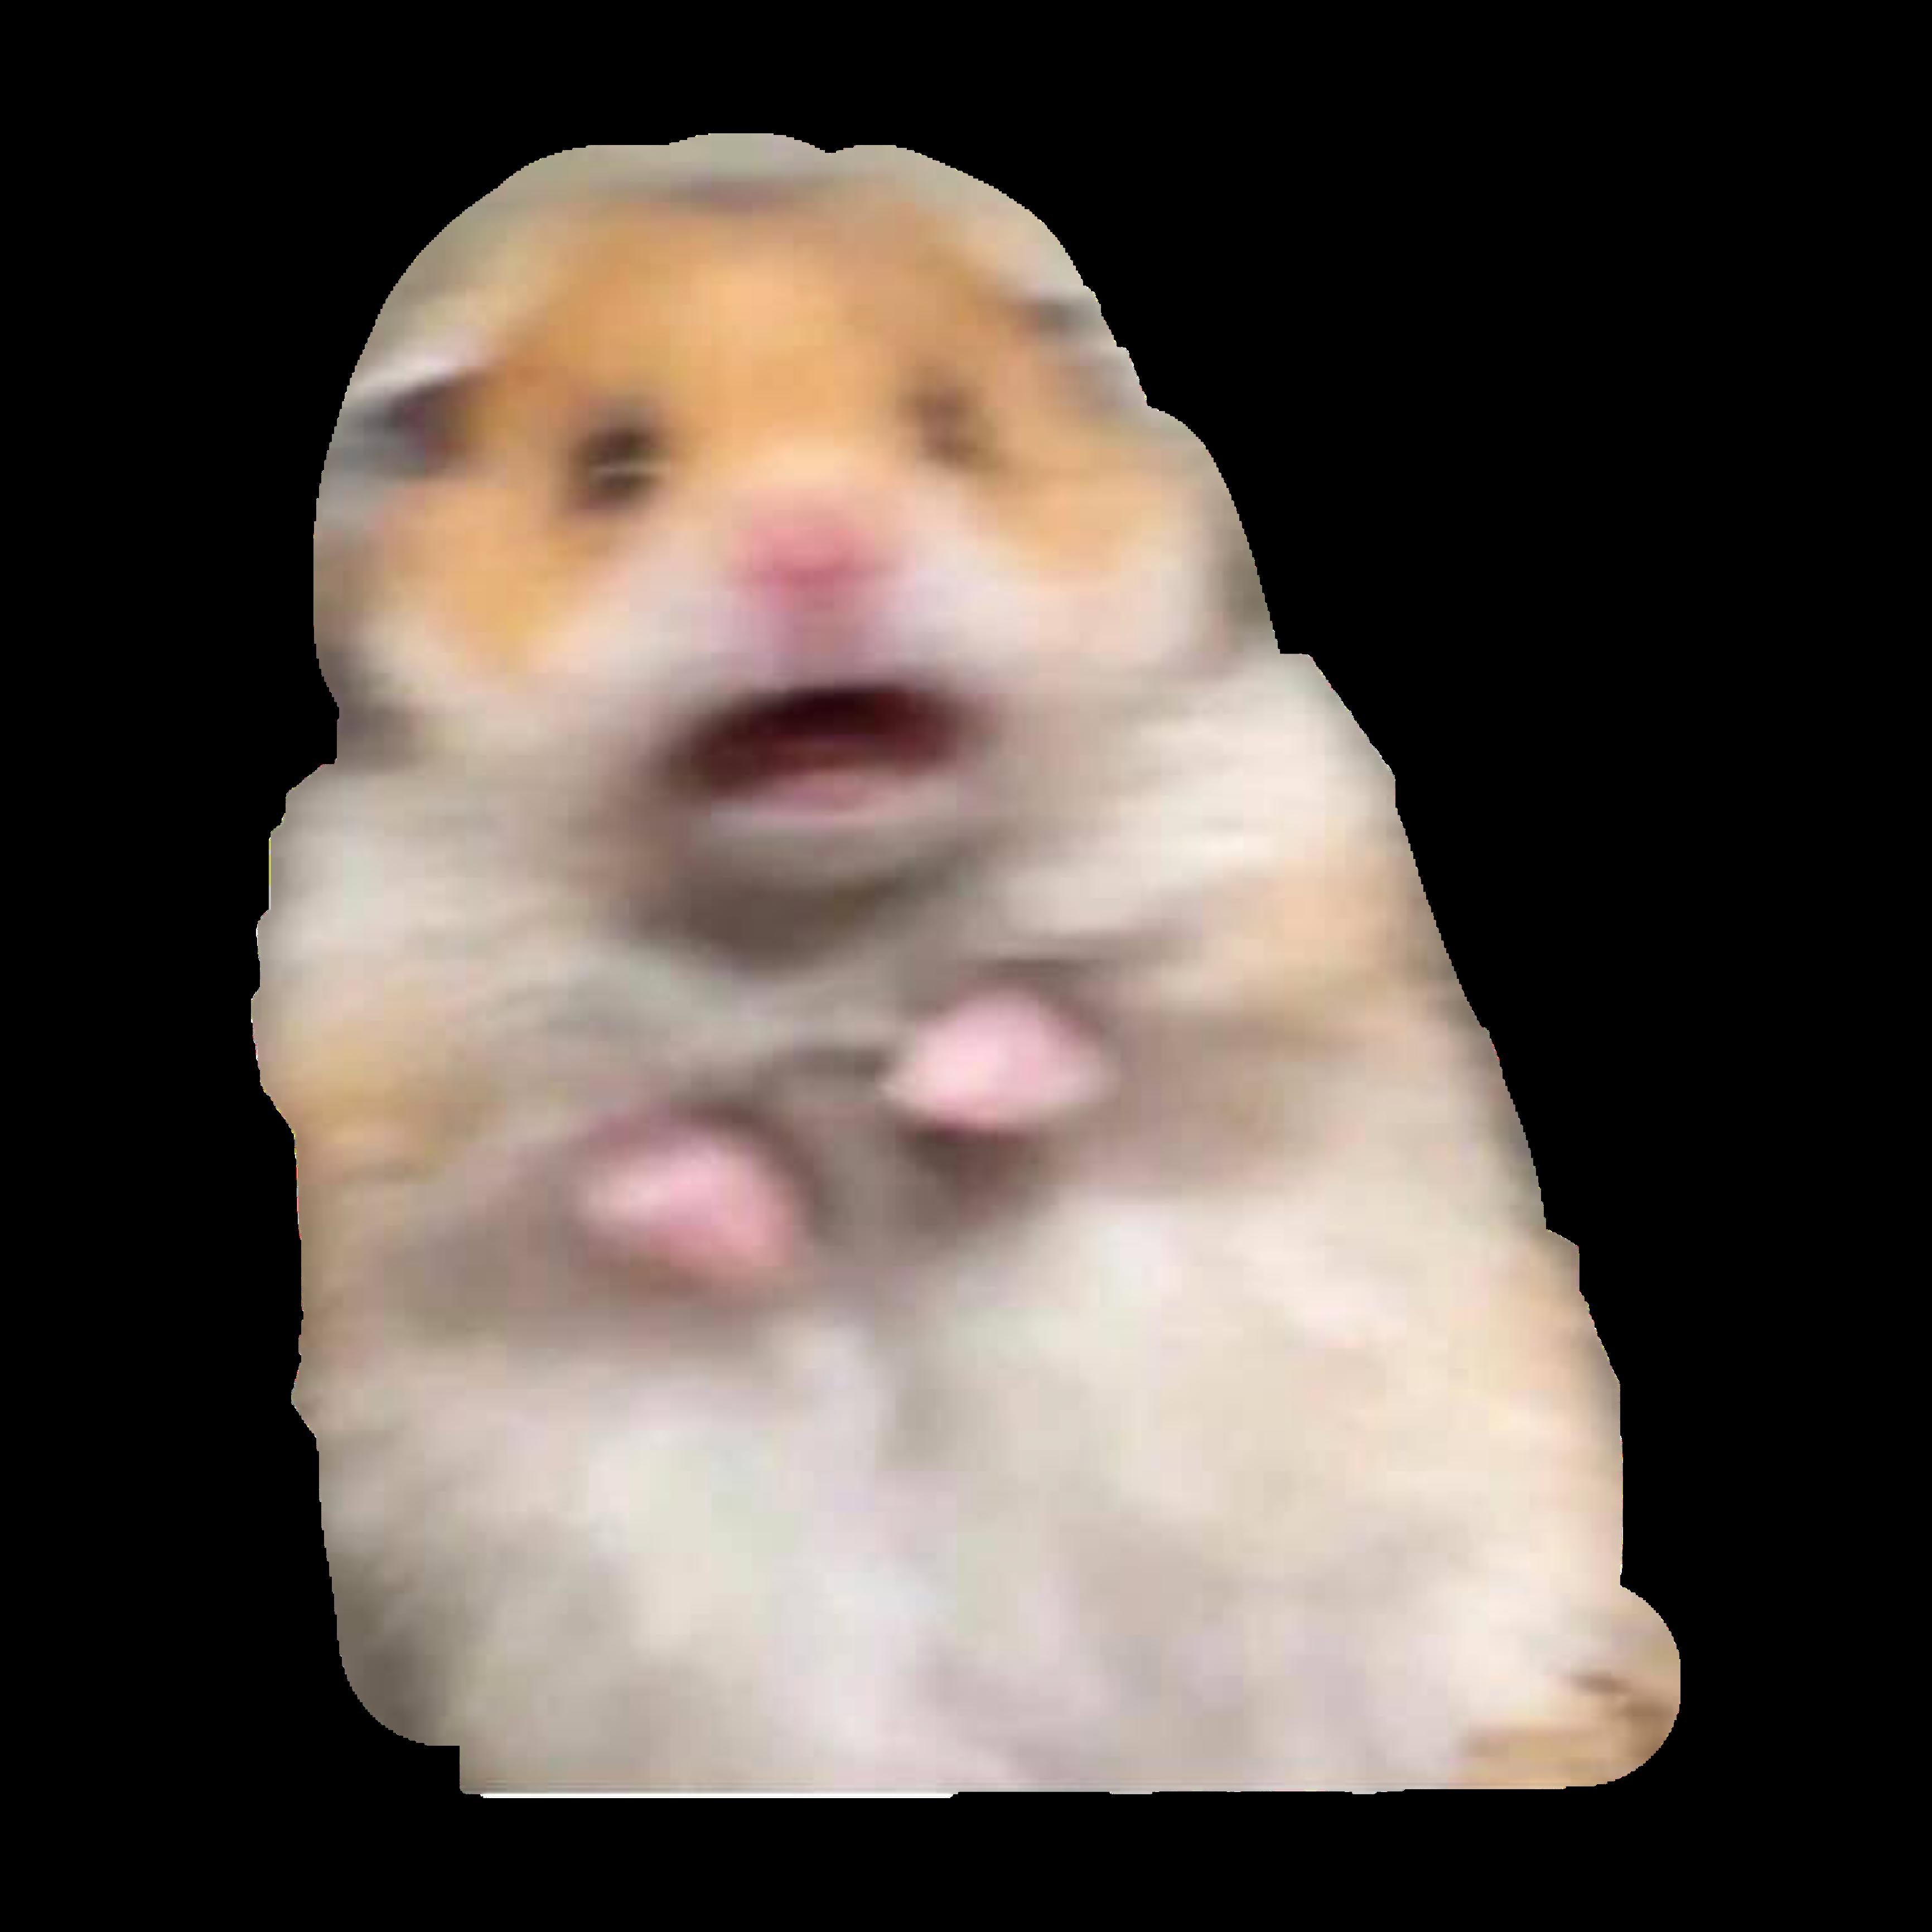 Hamster meme